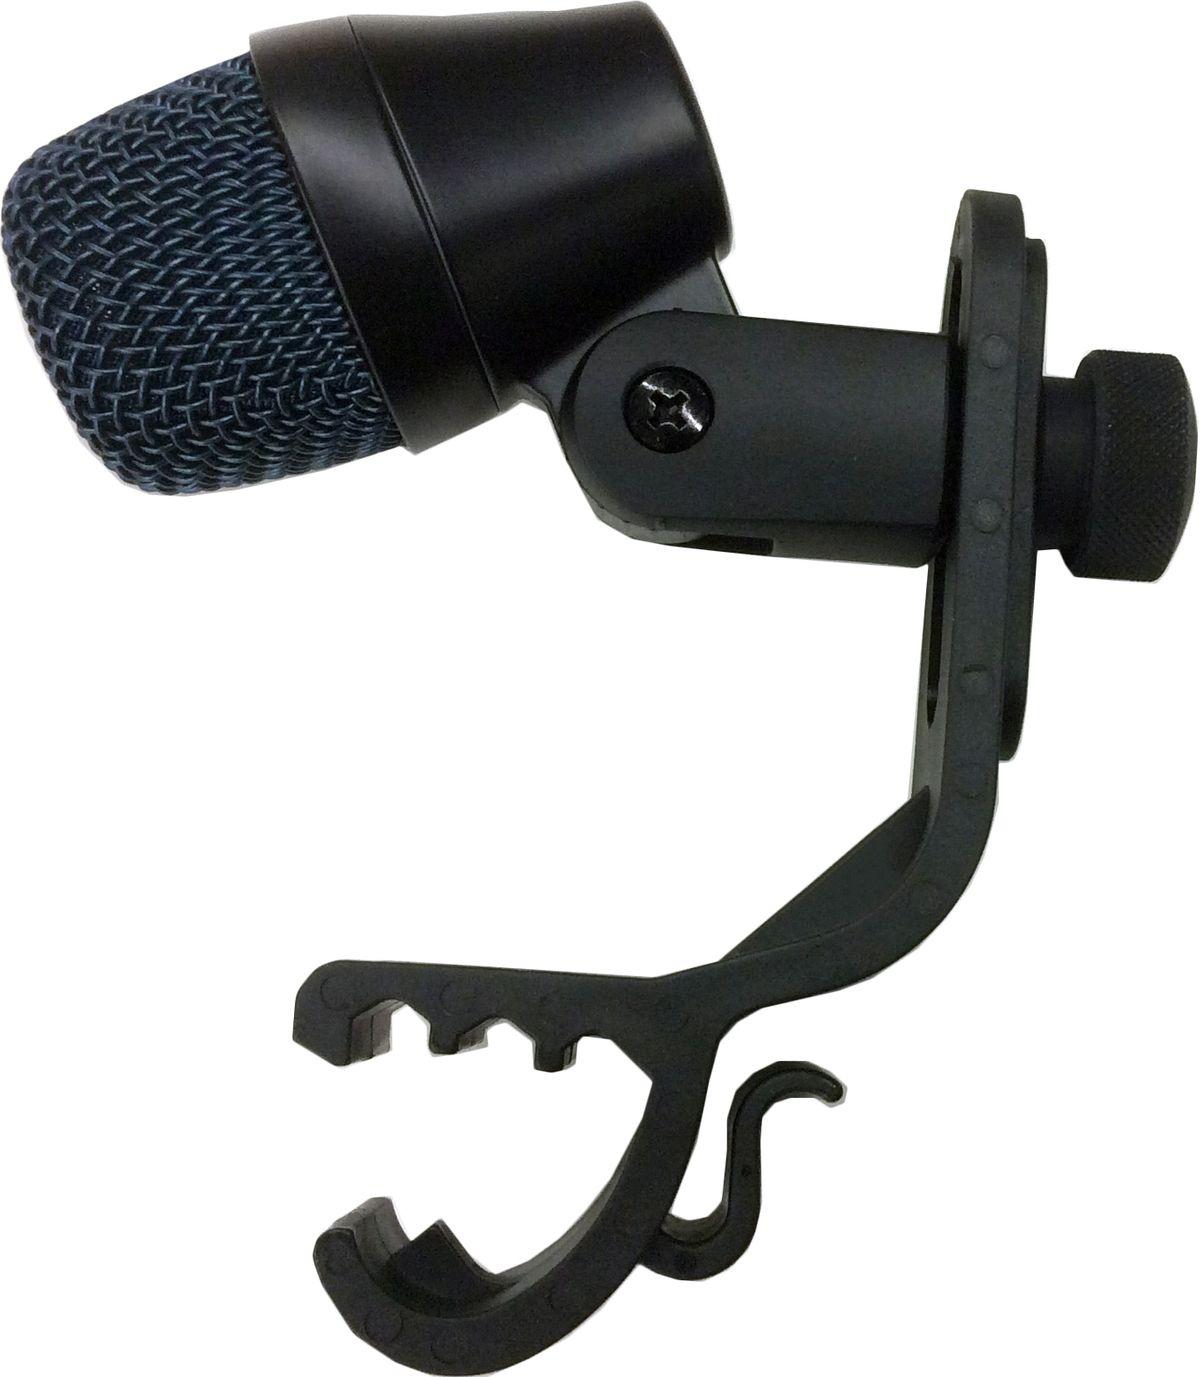 Sennheiser e904 Dynamic Drum Microphone